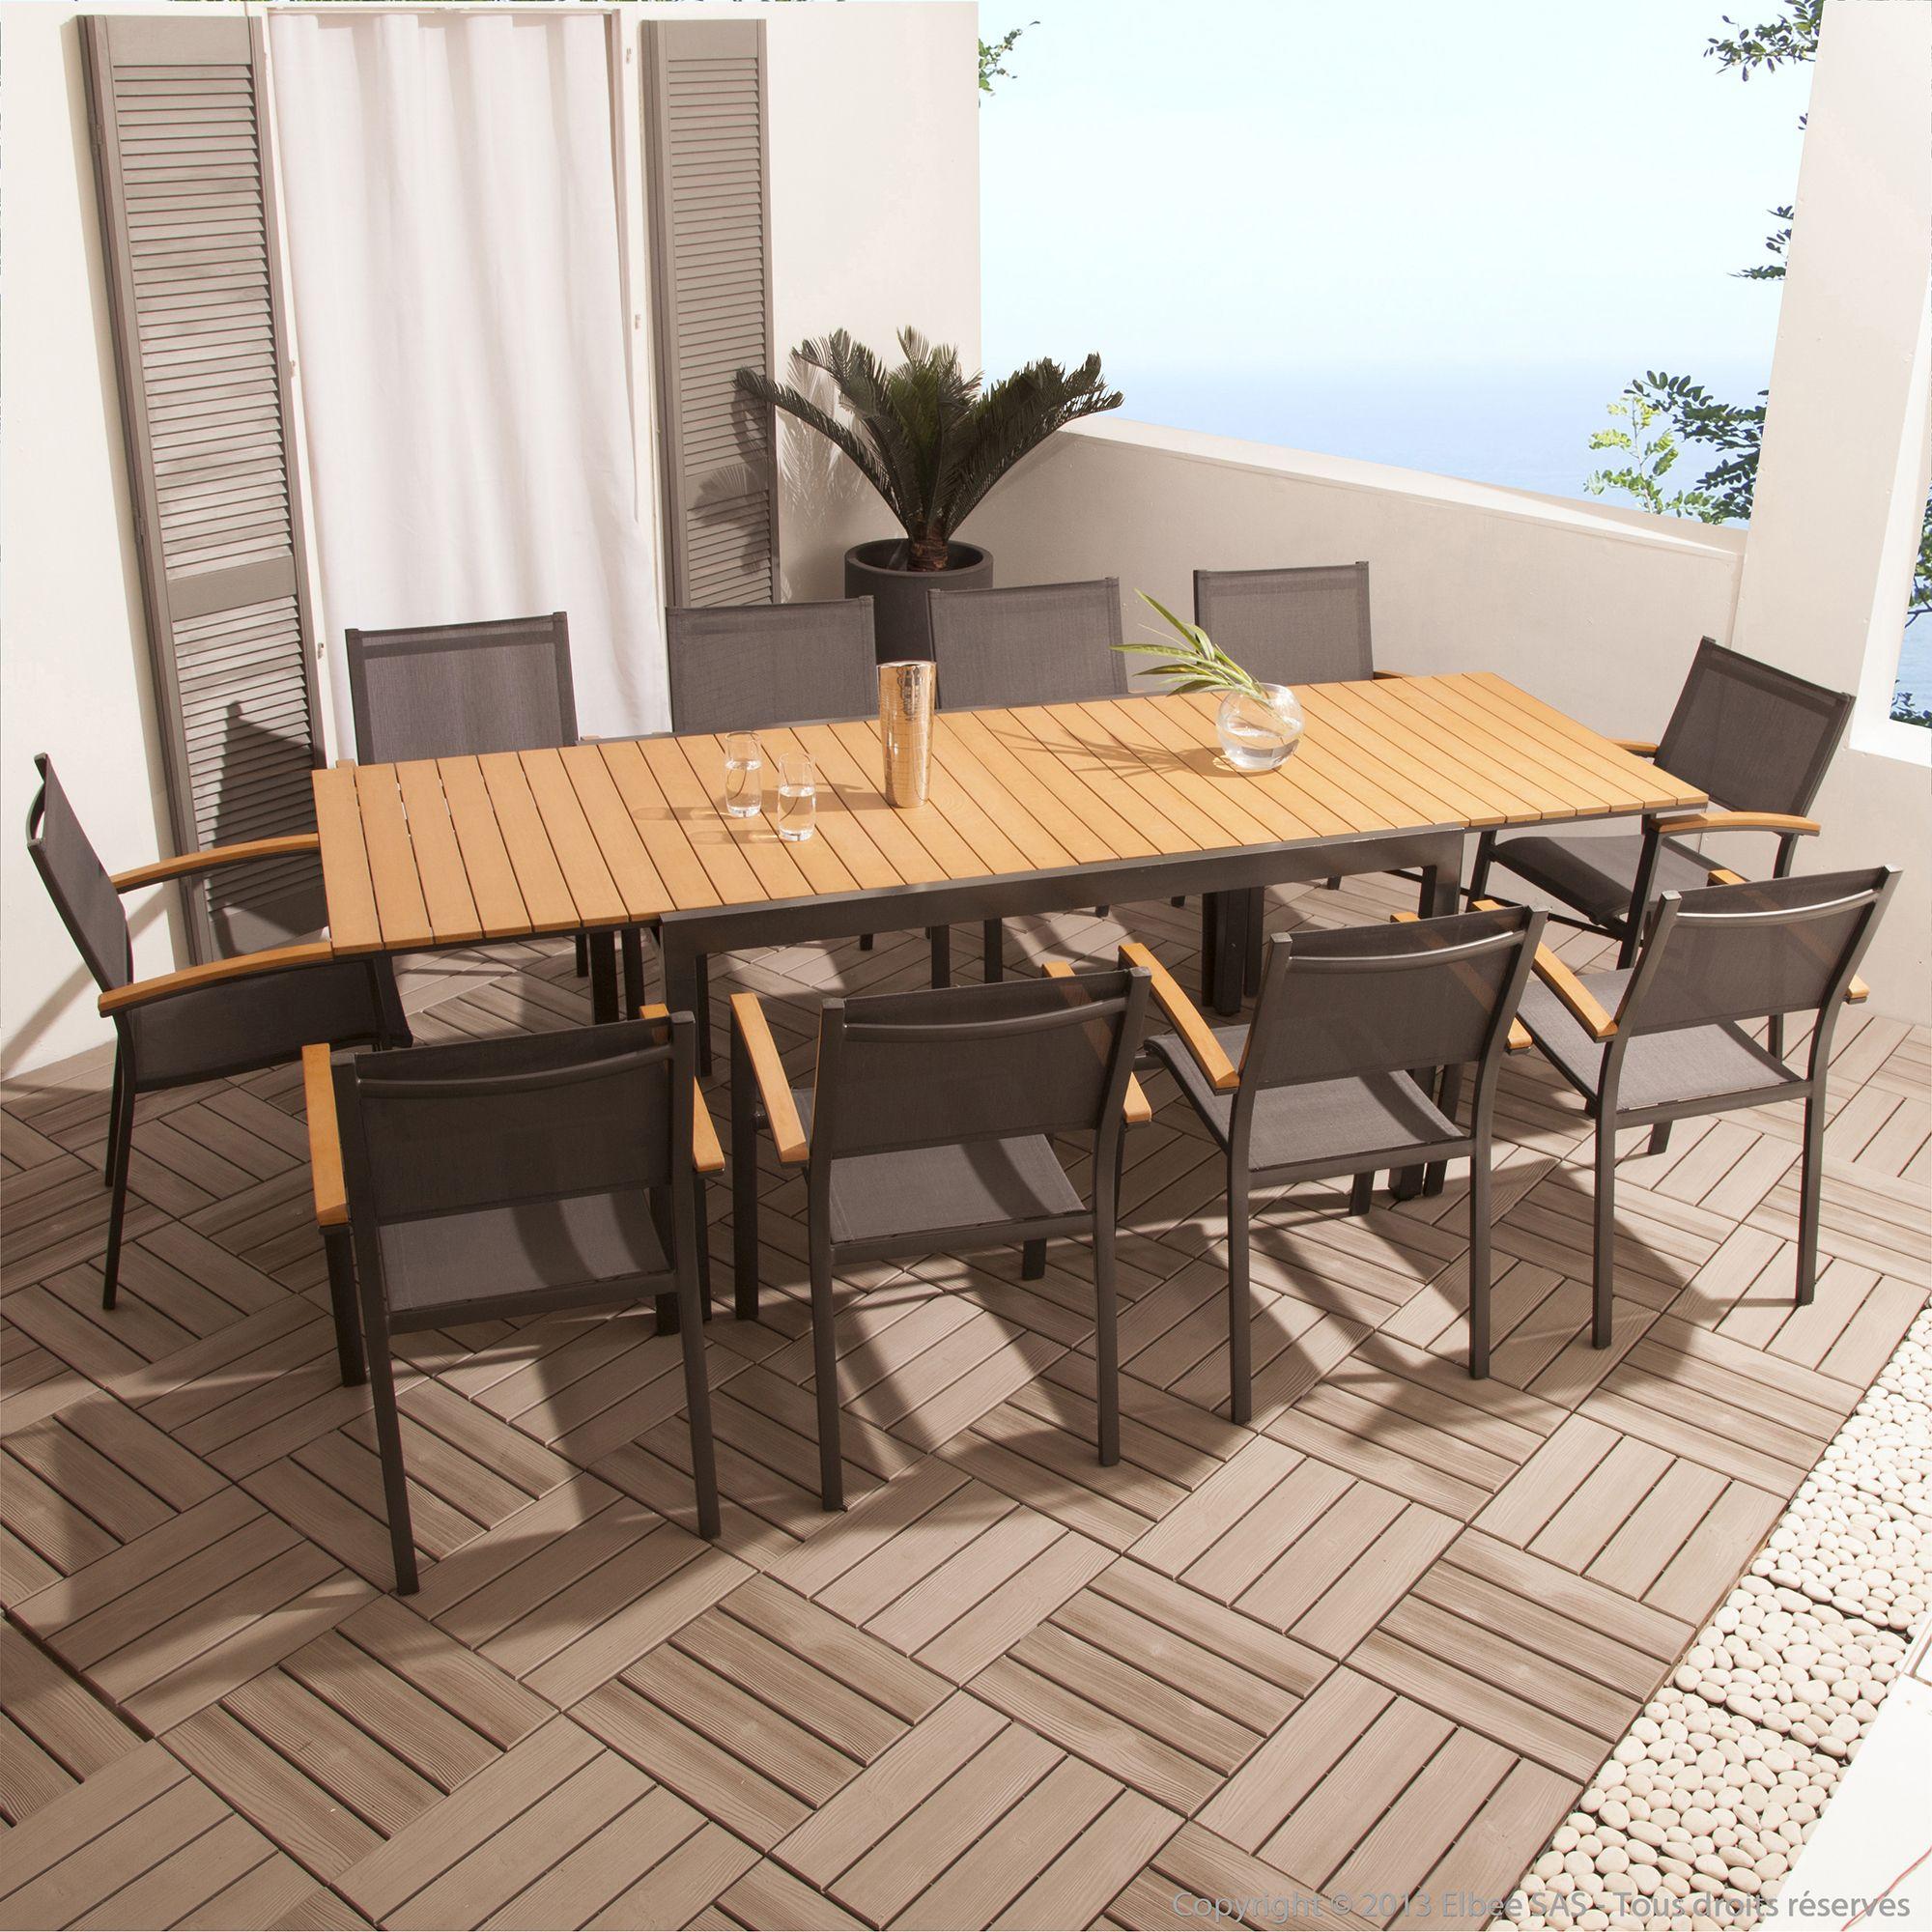 Salon De Jardin 10 Places Alu/composite Par Squareline ... concernant Table De Jardin Extensible Pas Cher